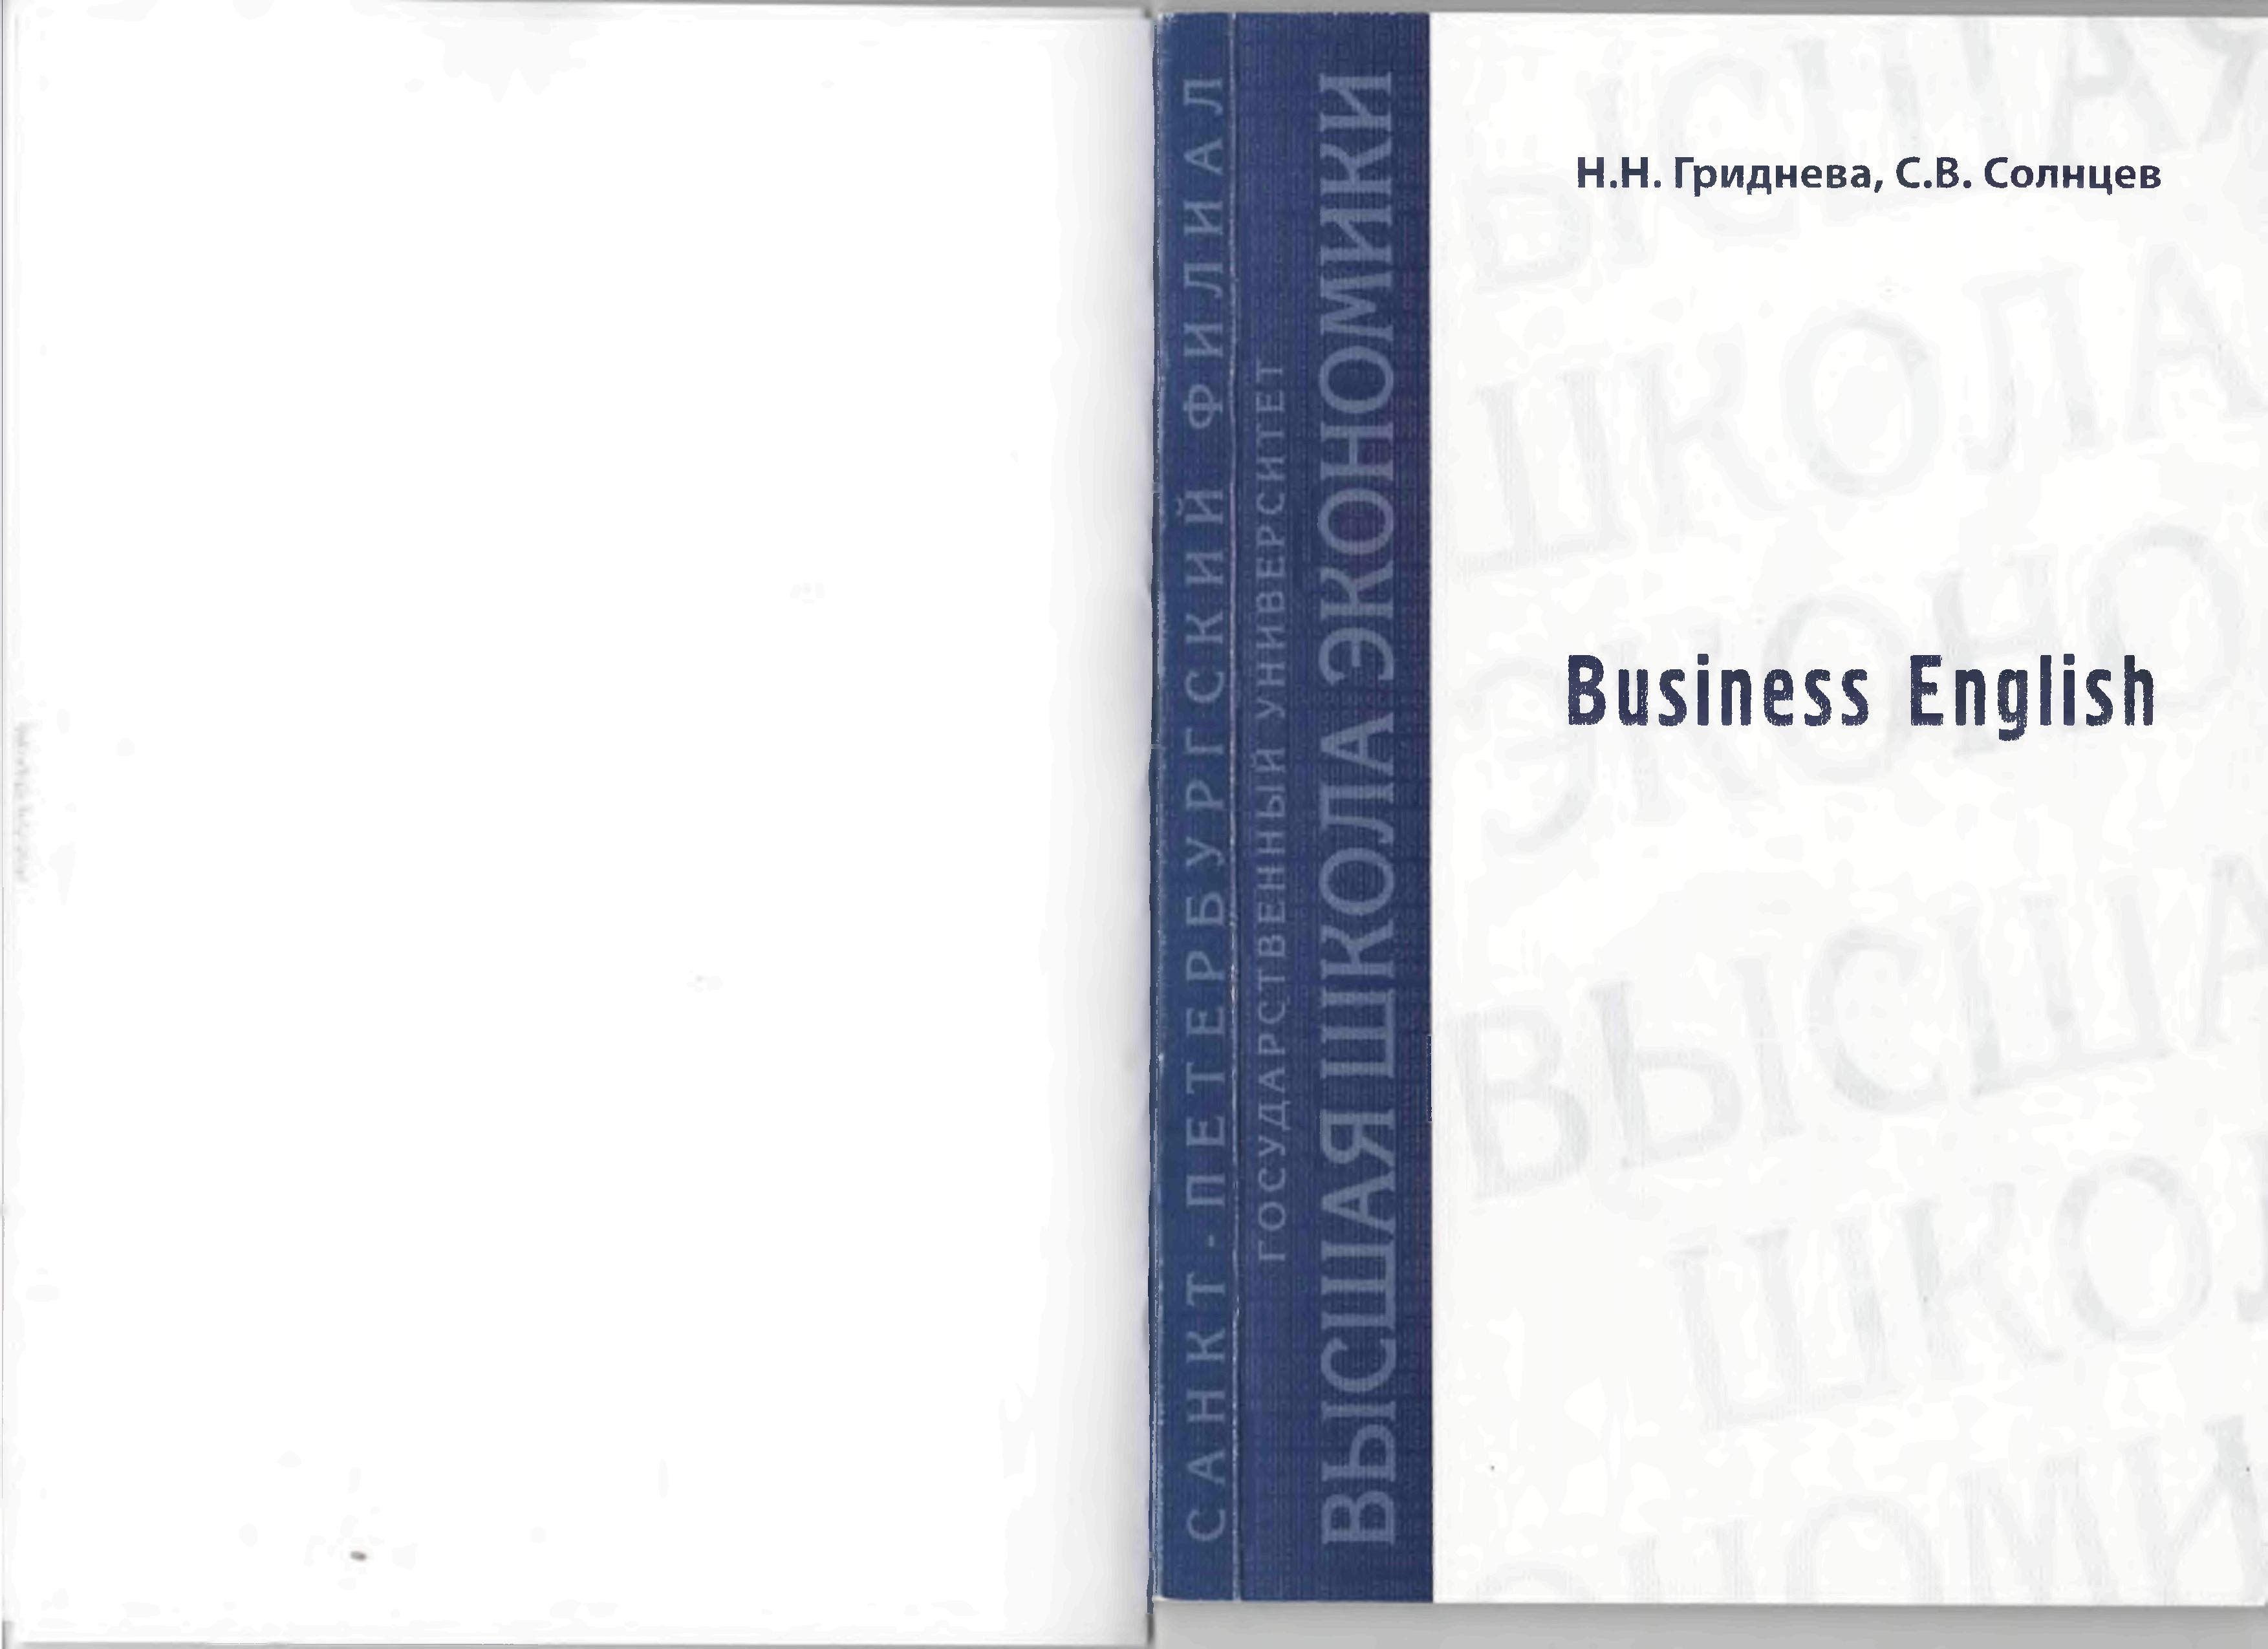 Business English. Учебно-методическое пособие по деловому английскому языку